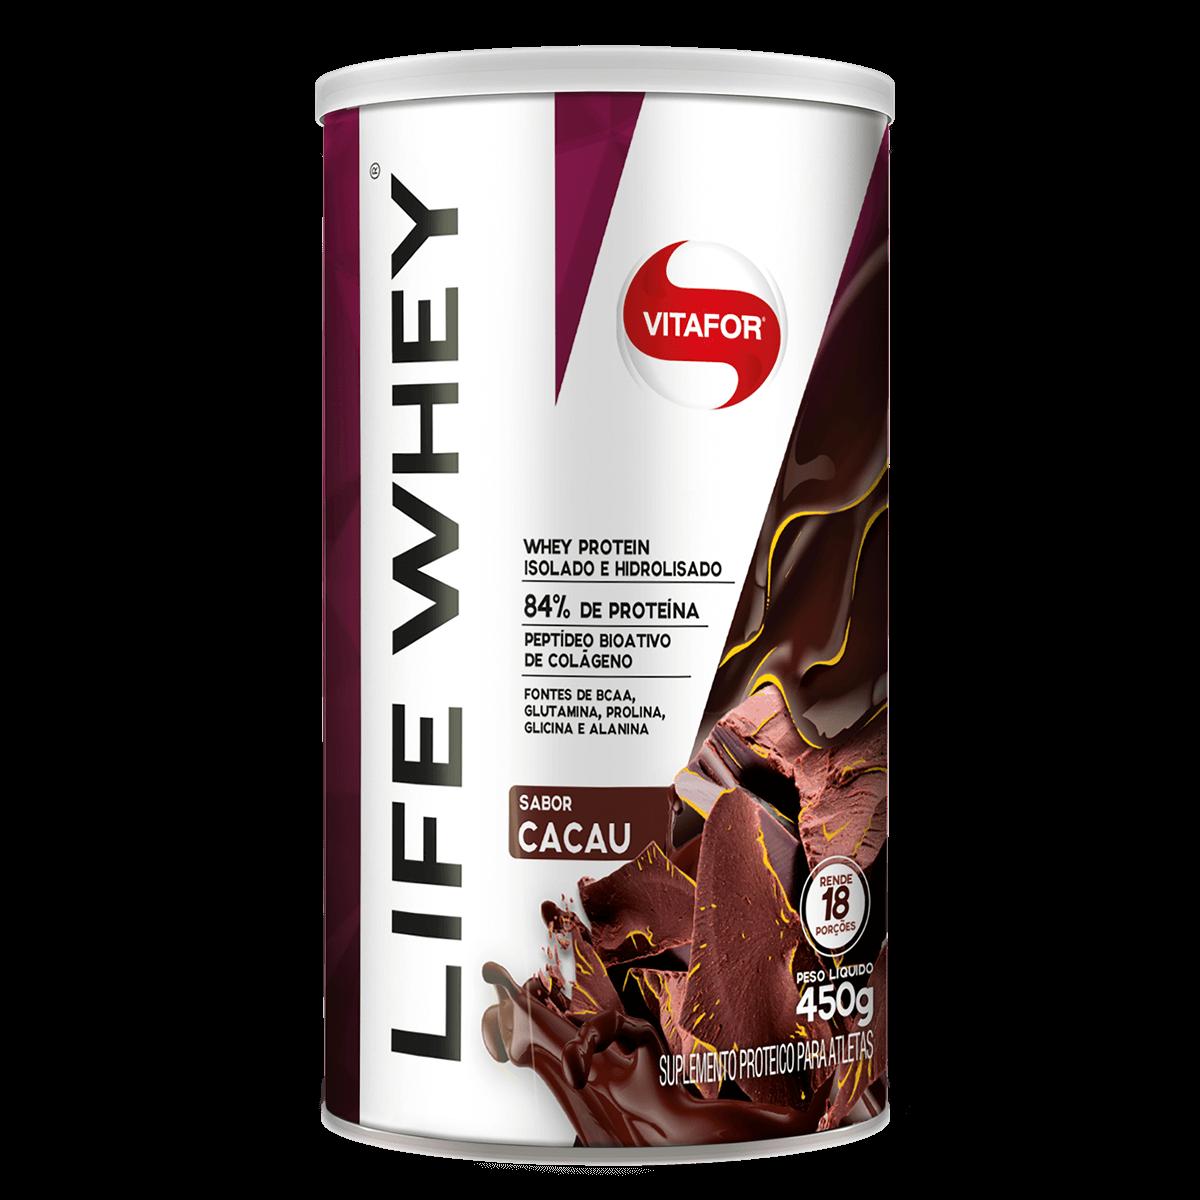 Life Whey Cacau (450g) - VitaFor